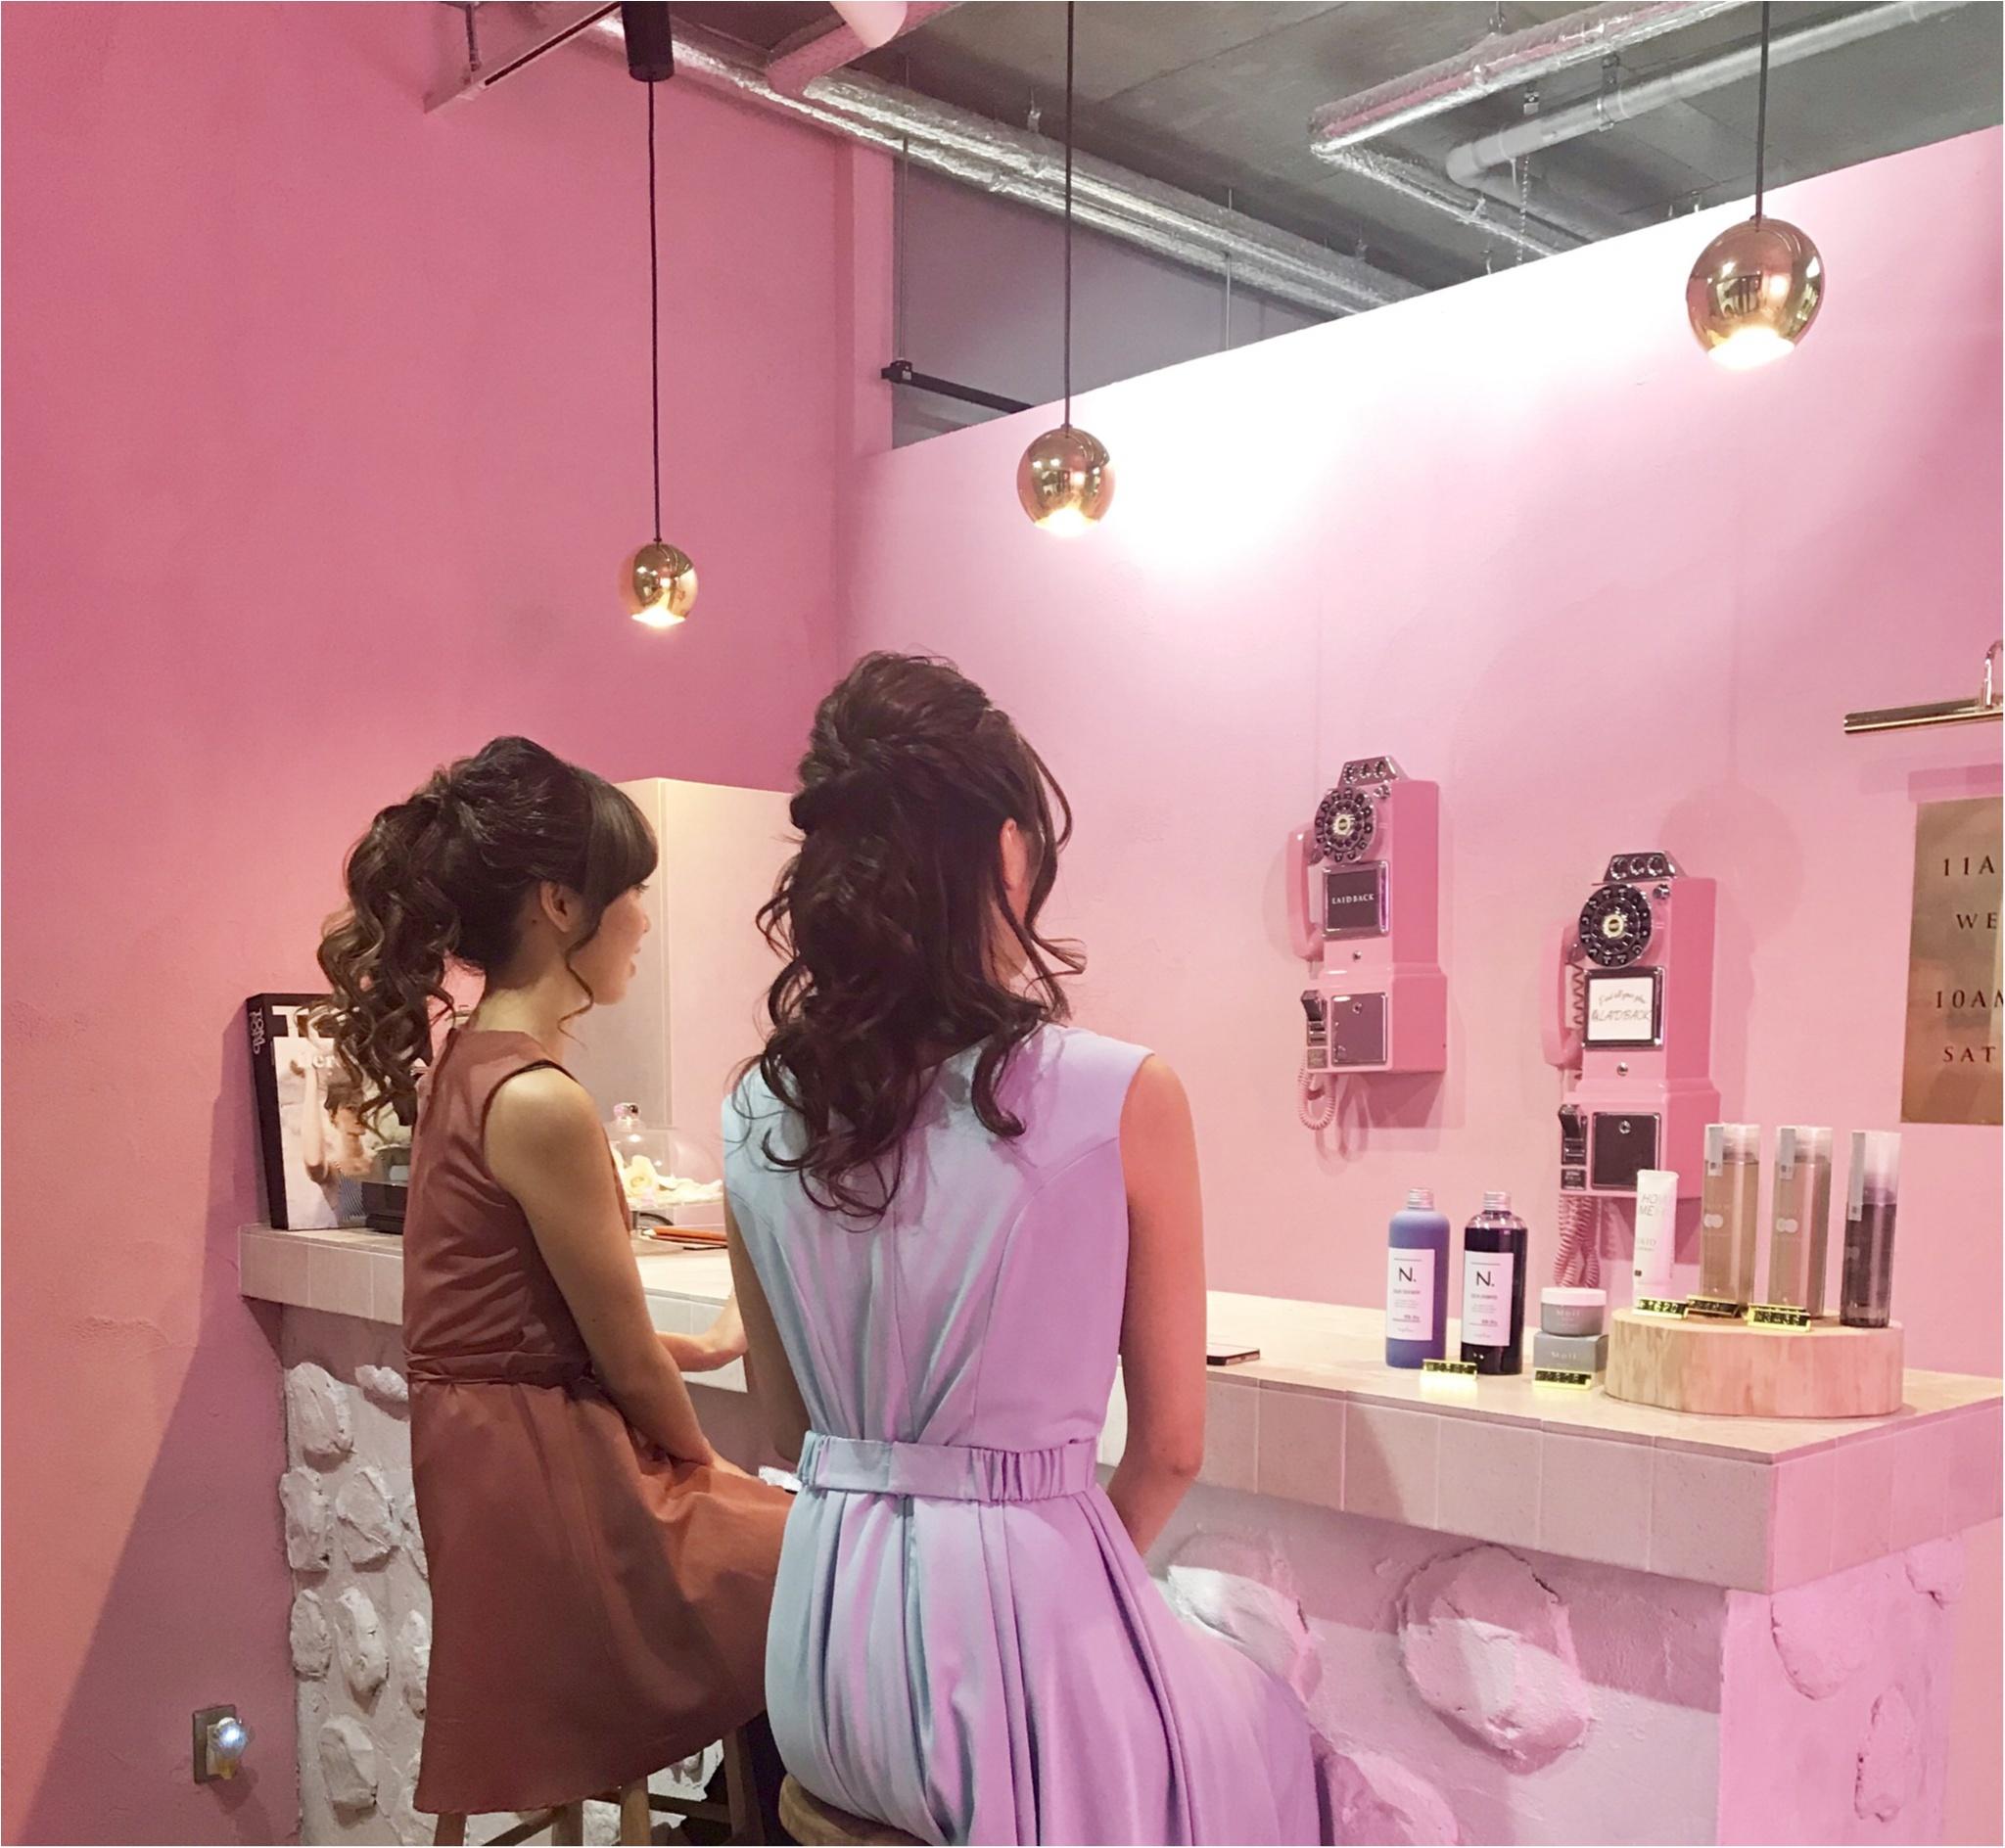 【Beauty】ヘアセットどこにしよう?代官山の美容院♡!なにもかもが可愛く仕上がる「LAID BACK 」_3